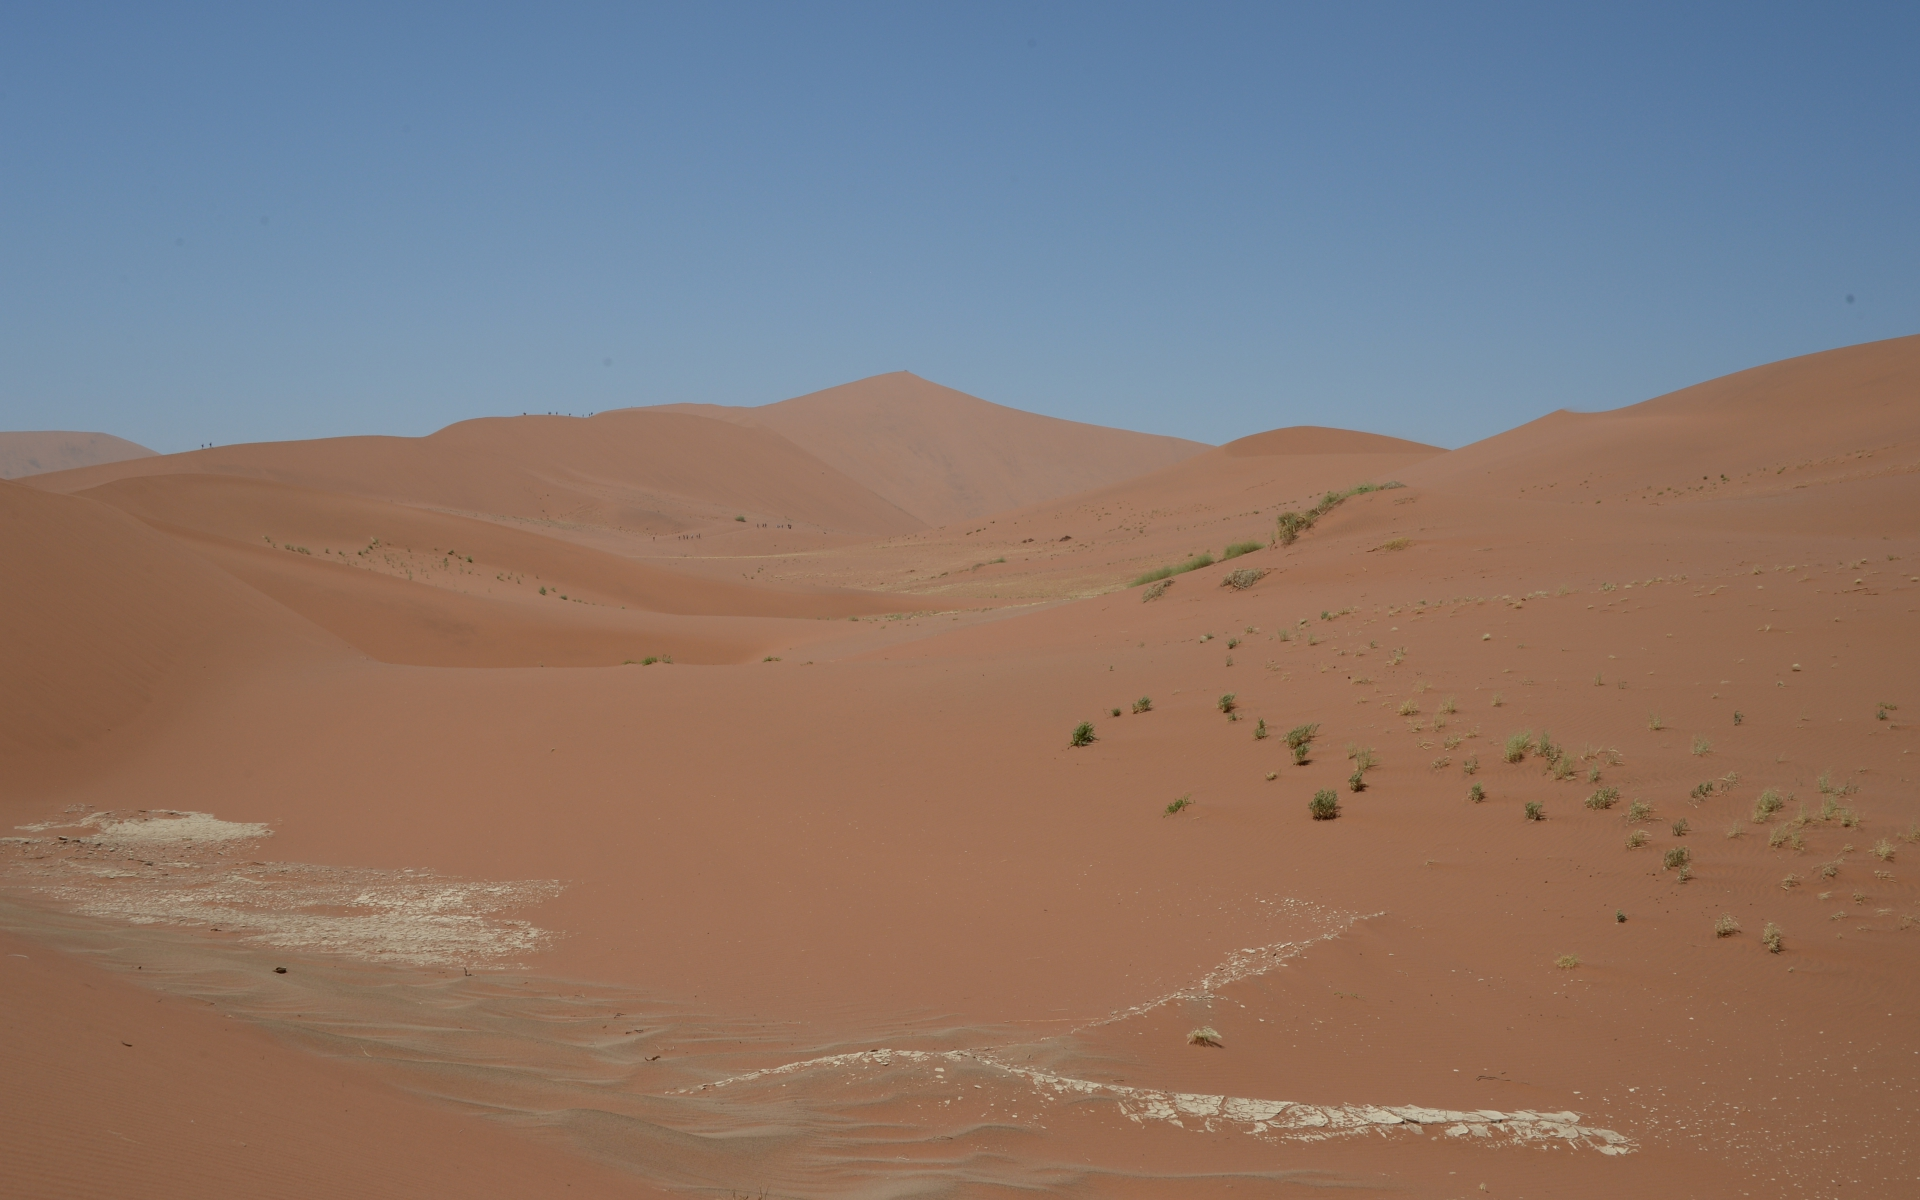 Namibia_Sossusvlei_Deadvlei_38